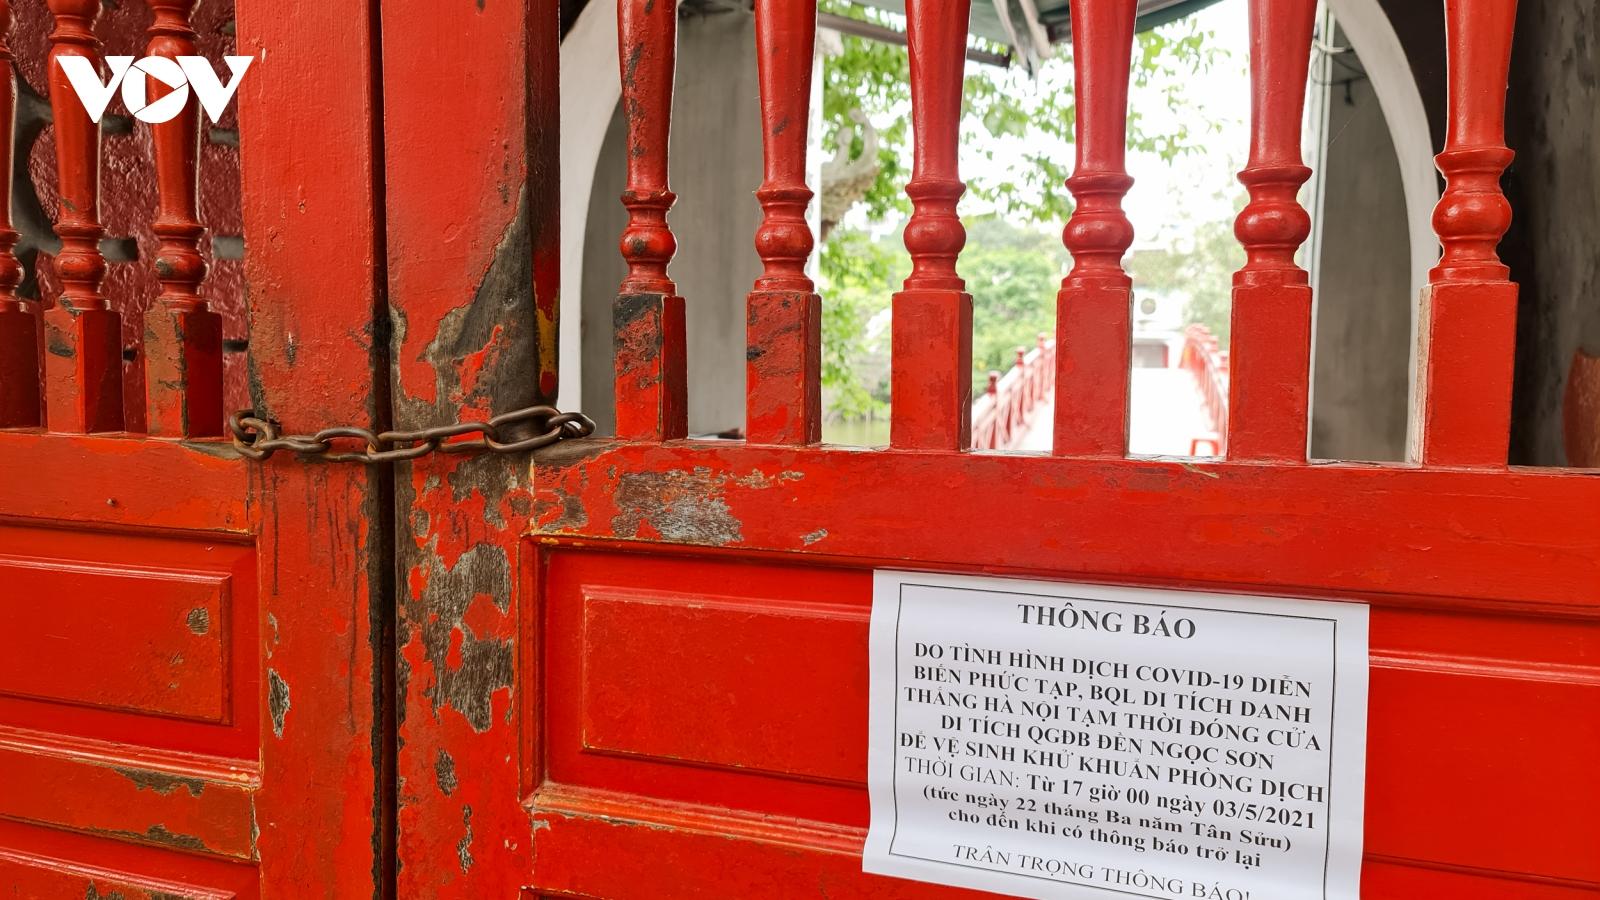 Các di tích, đền chùa tại Hà Nội đóng cửa, dựng rào chắn phòng chống dịch Covid-19